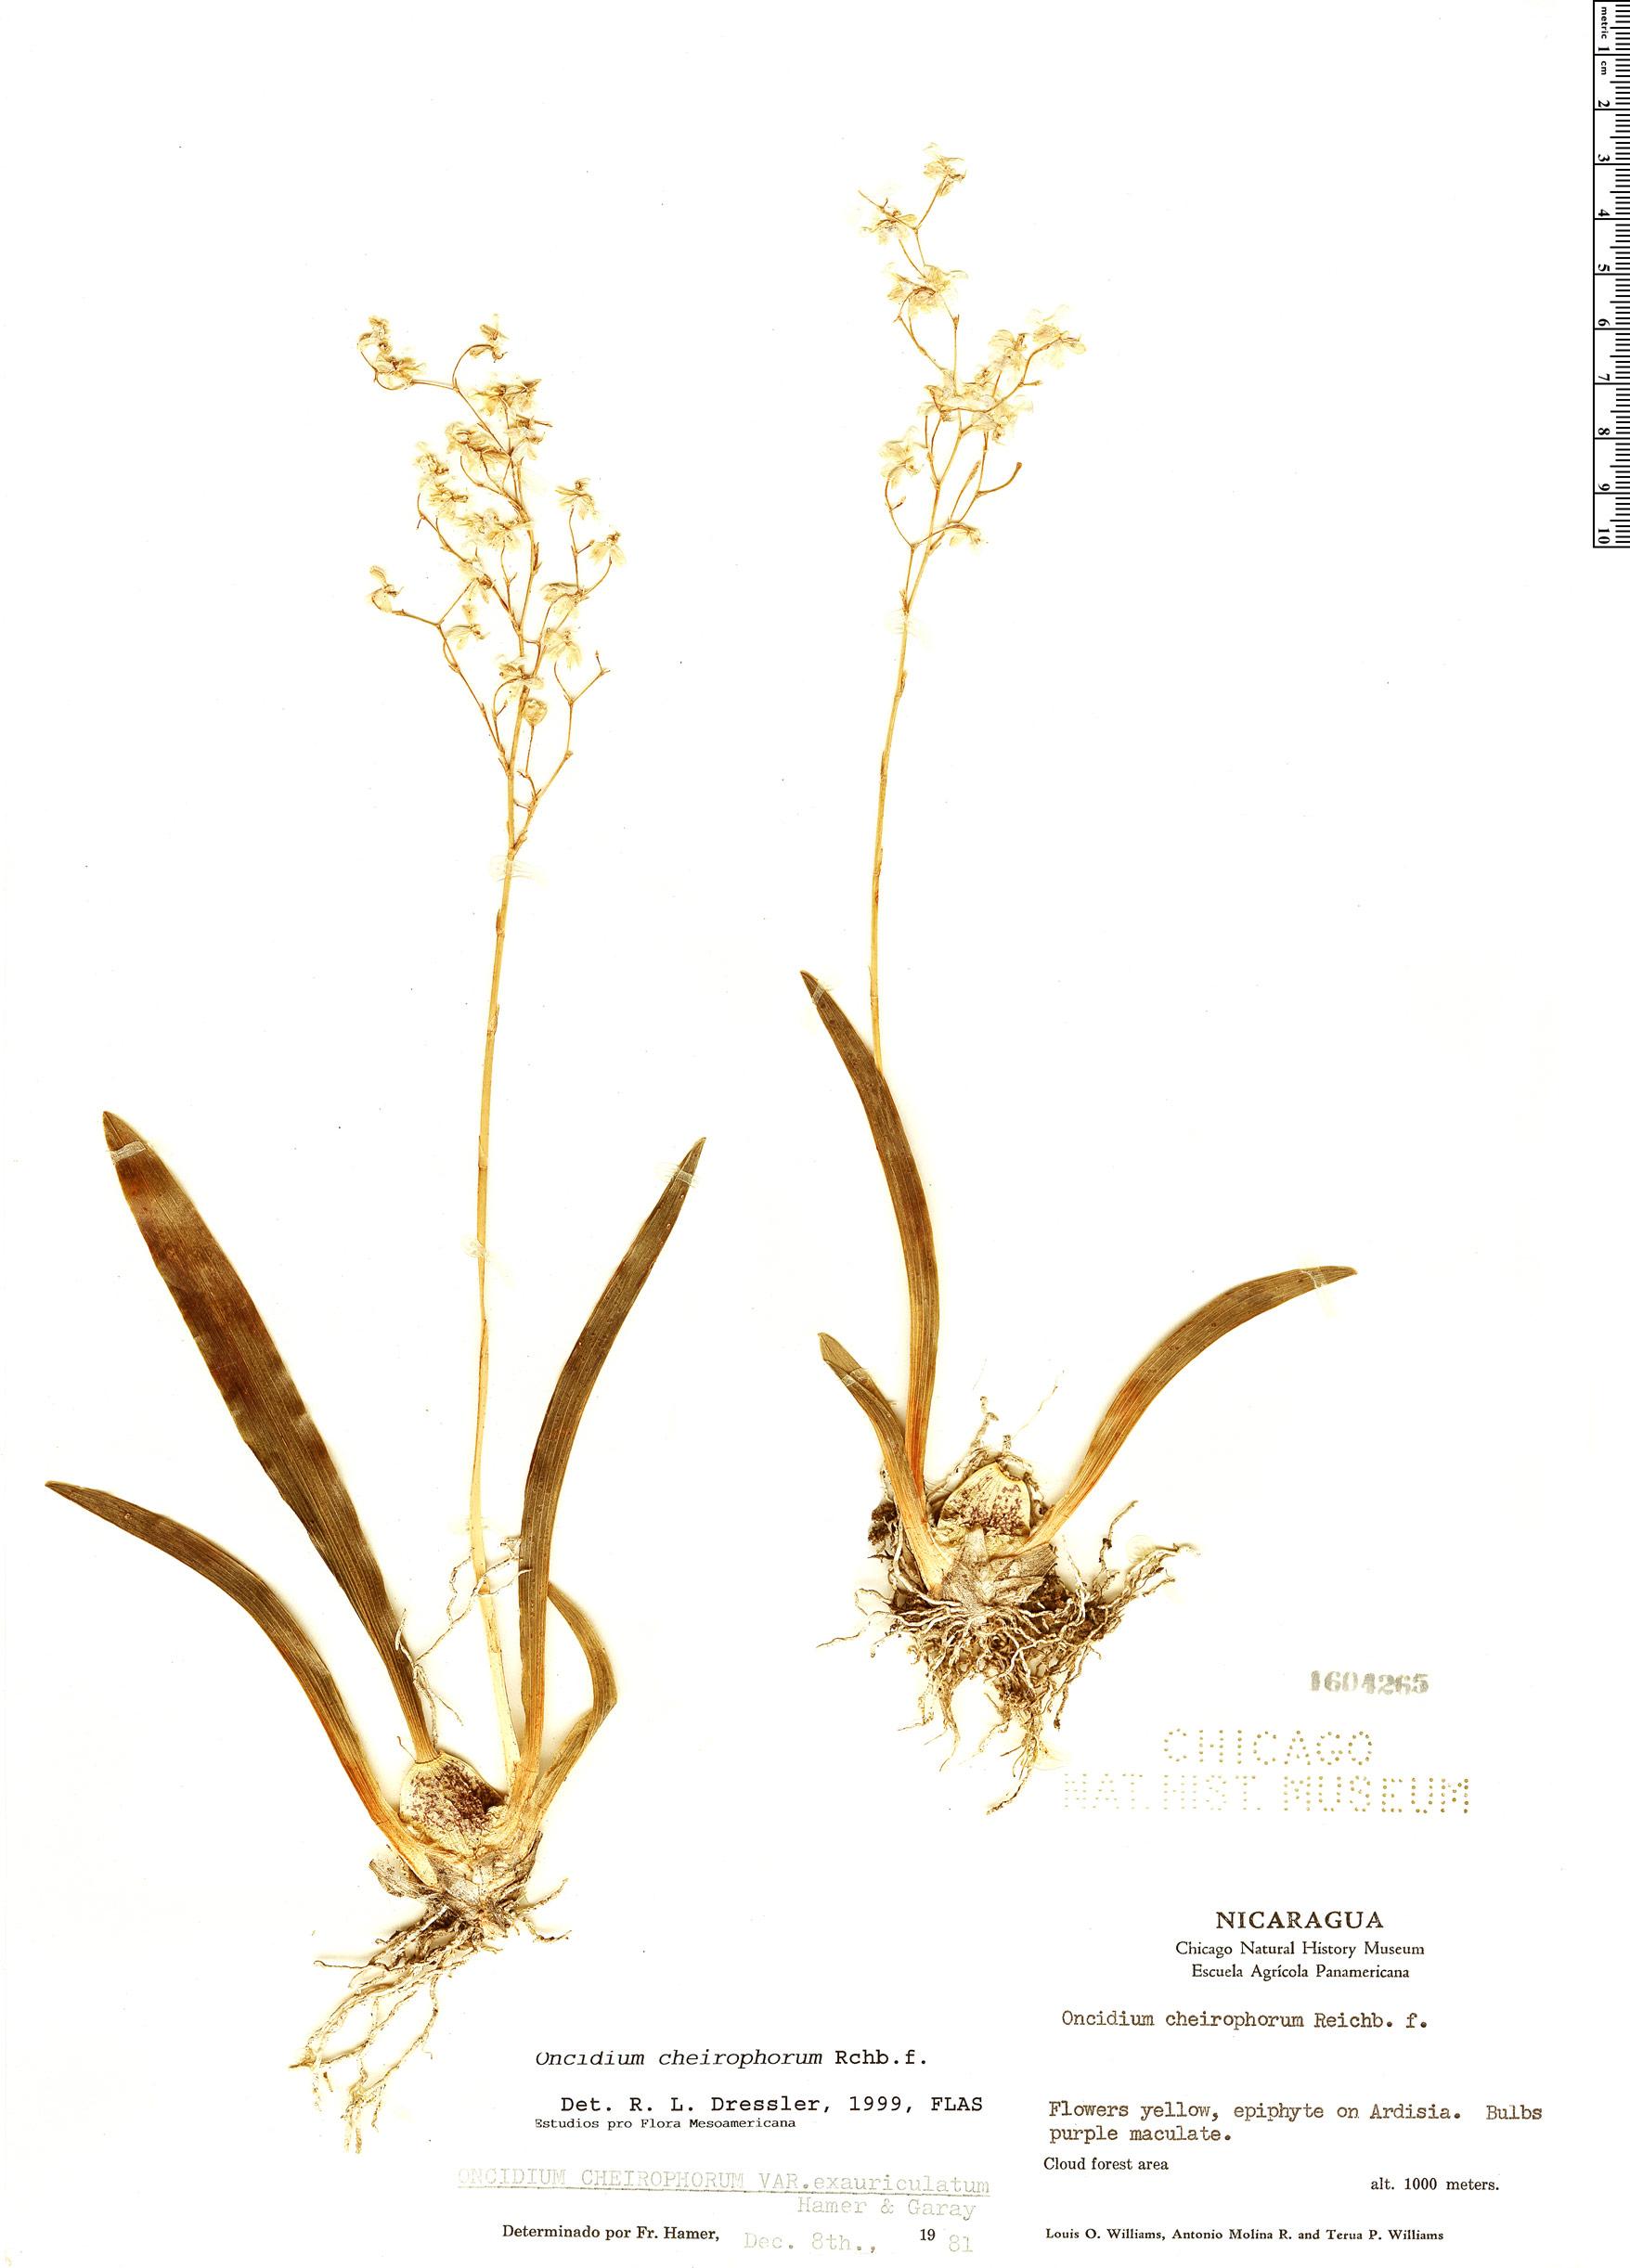 Specimen: Oncidium cheirophorum